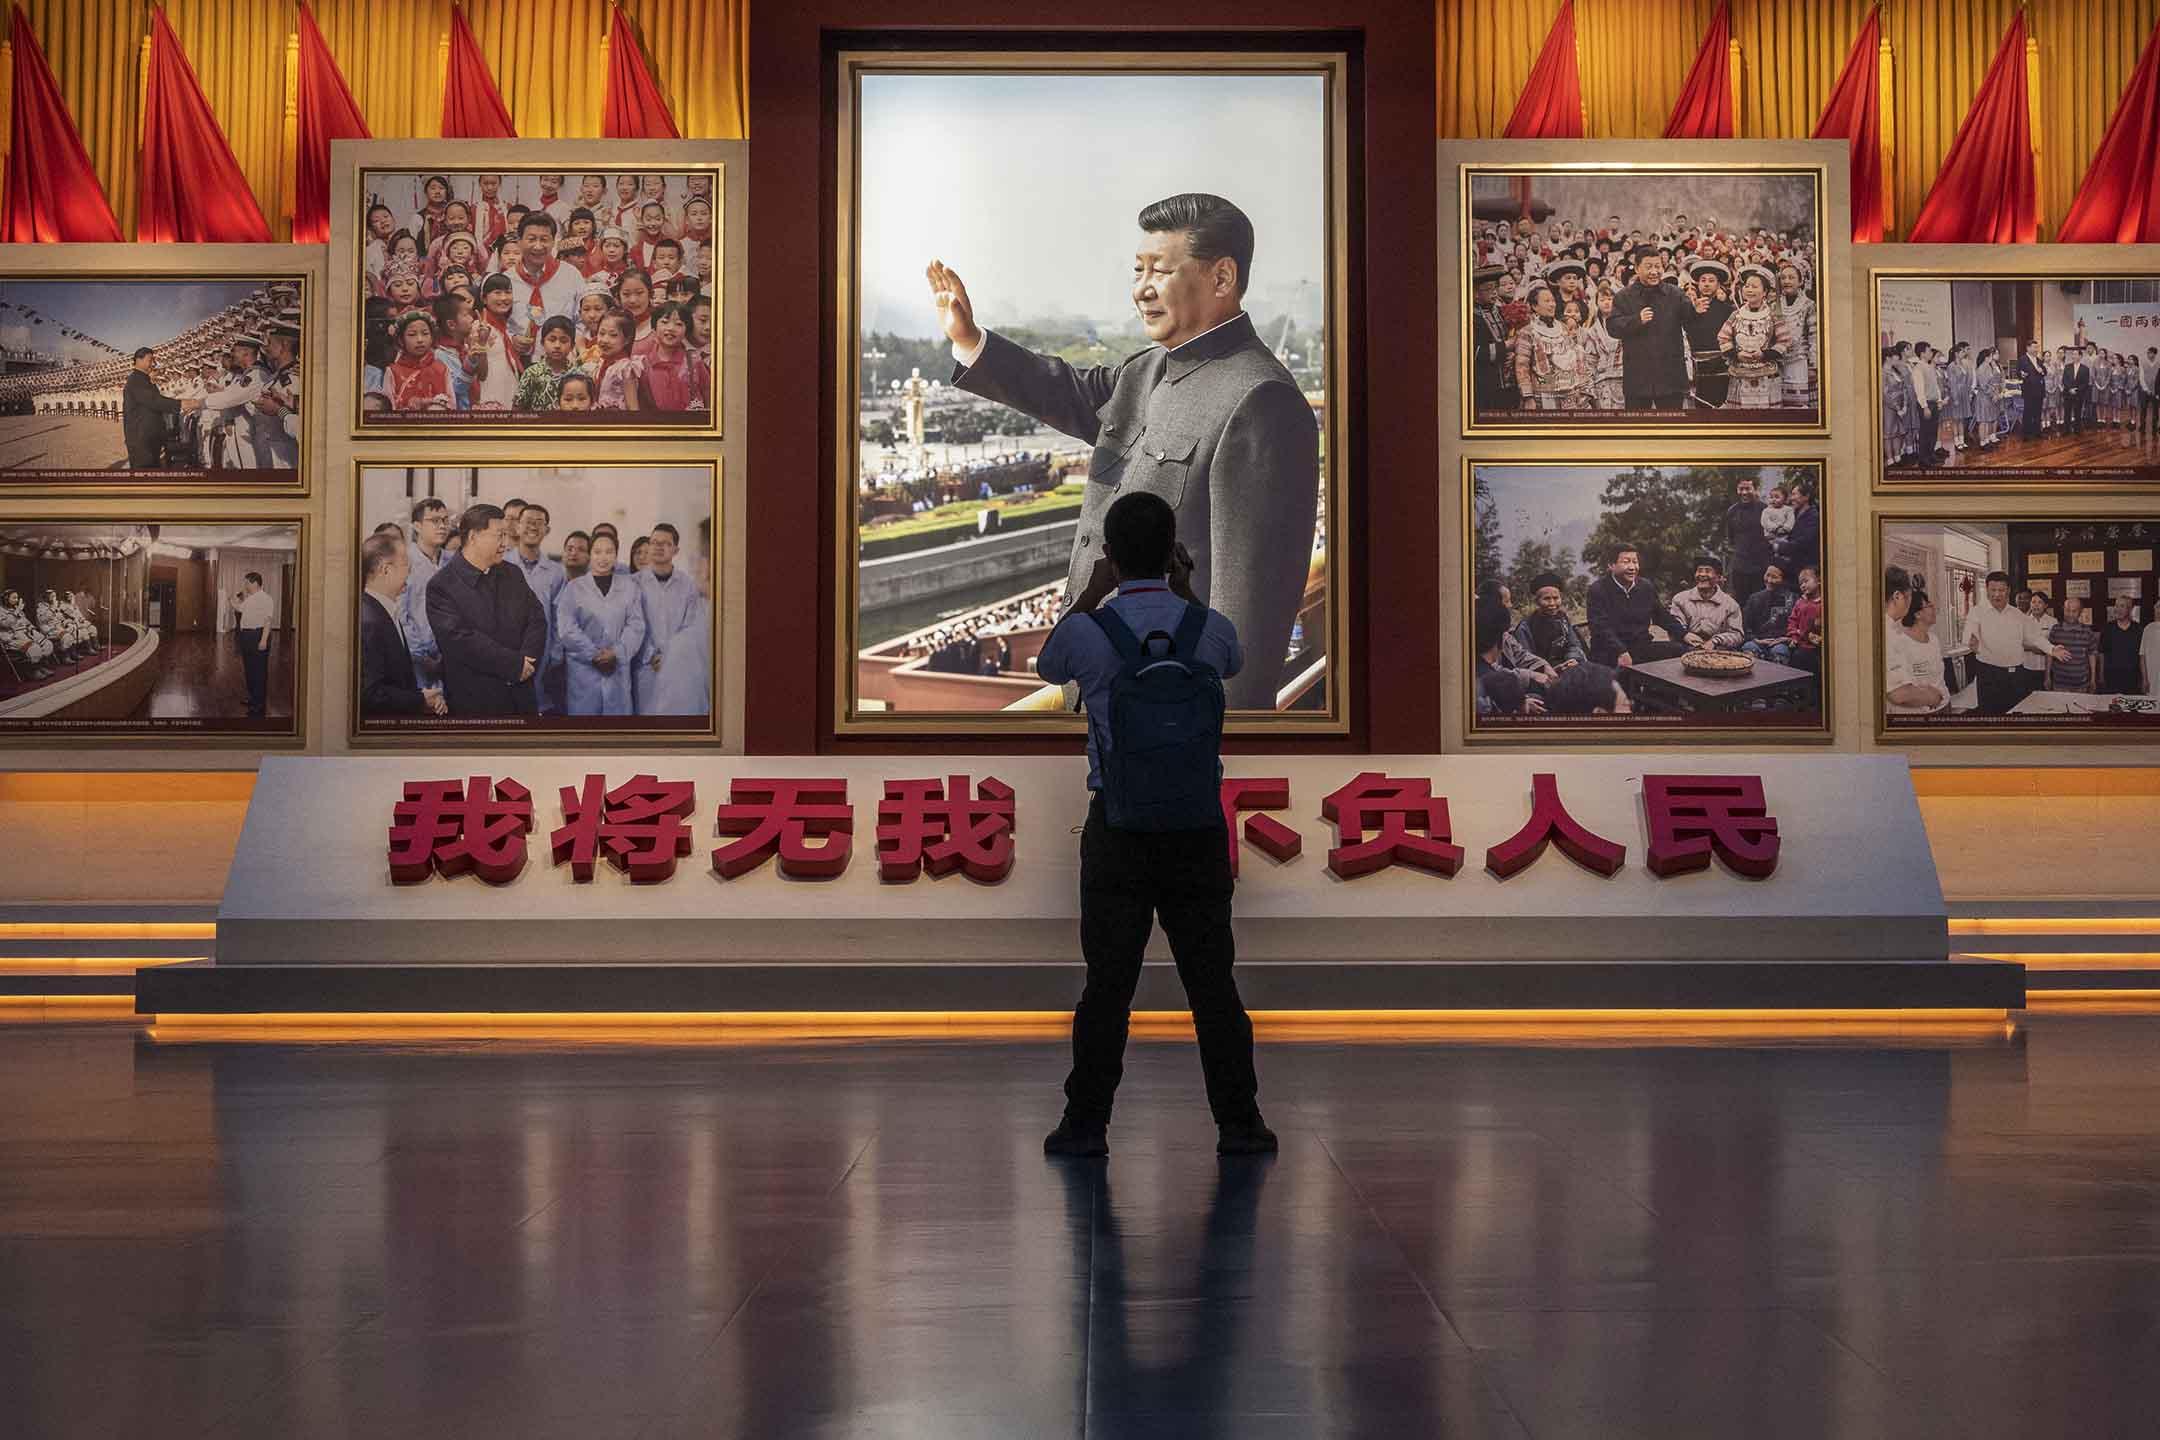 2021年6月25日中國北京,博物館內一名男子在國家主席習近平的照片前。